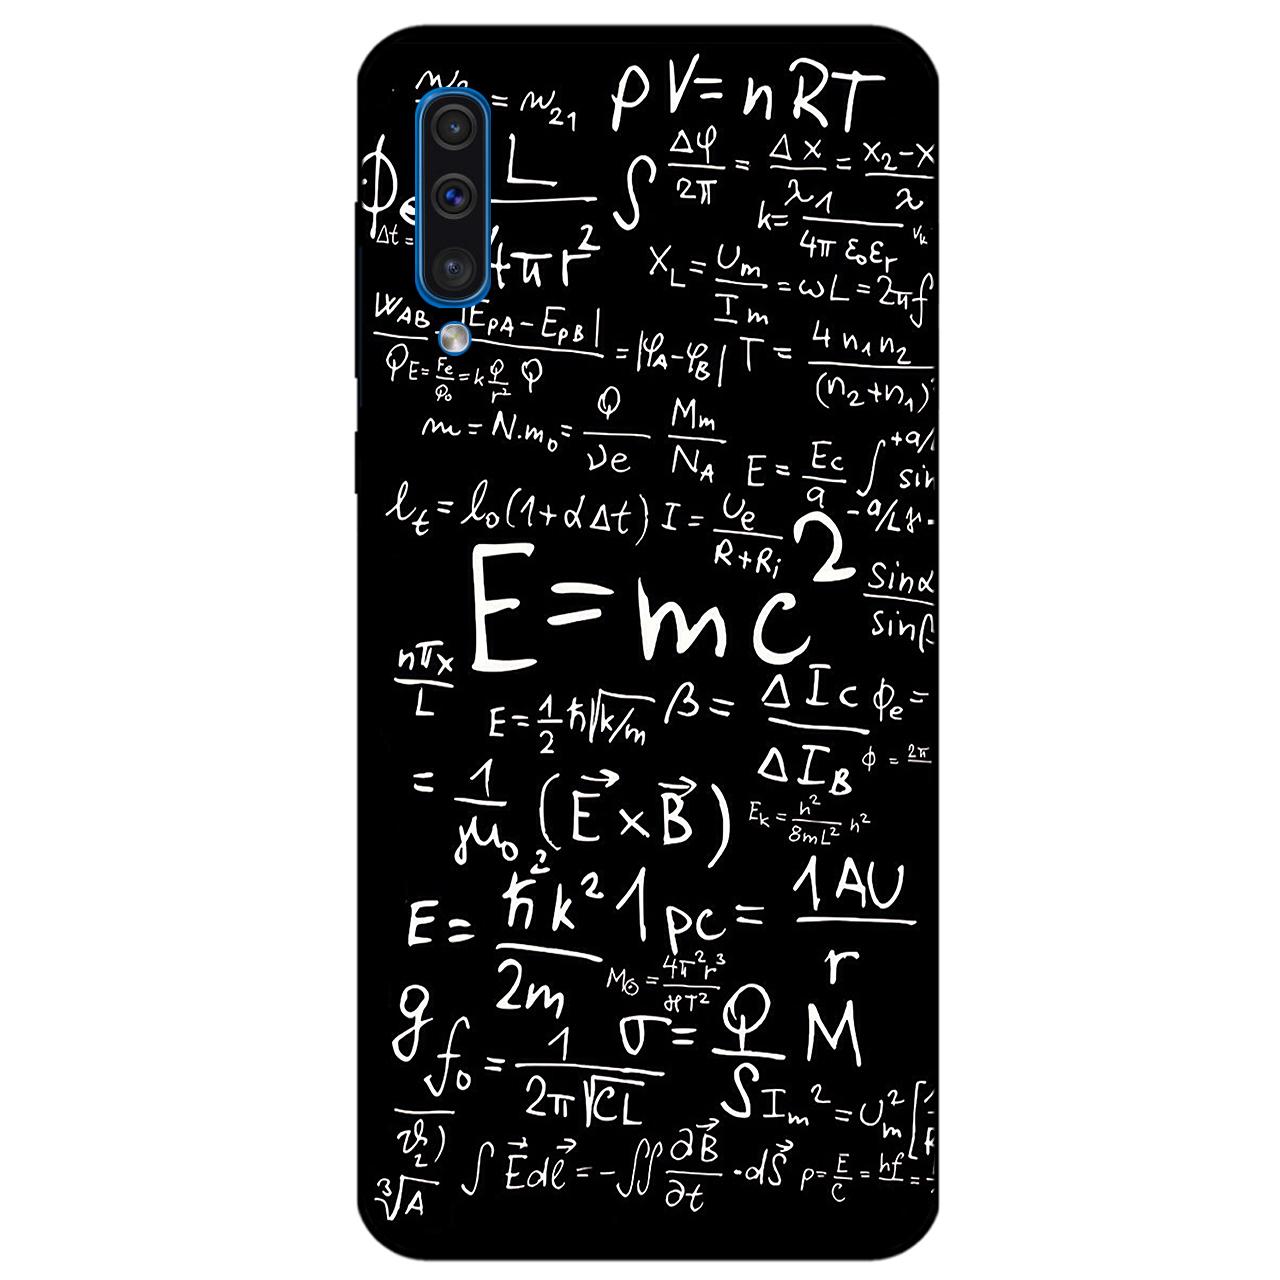 کاور کی اچ کد 6297 مناسب برای گوشی موبایل سامسونگ Galaxy A70 2019              ( قیمت و خرید)